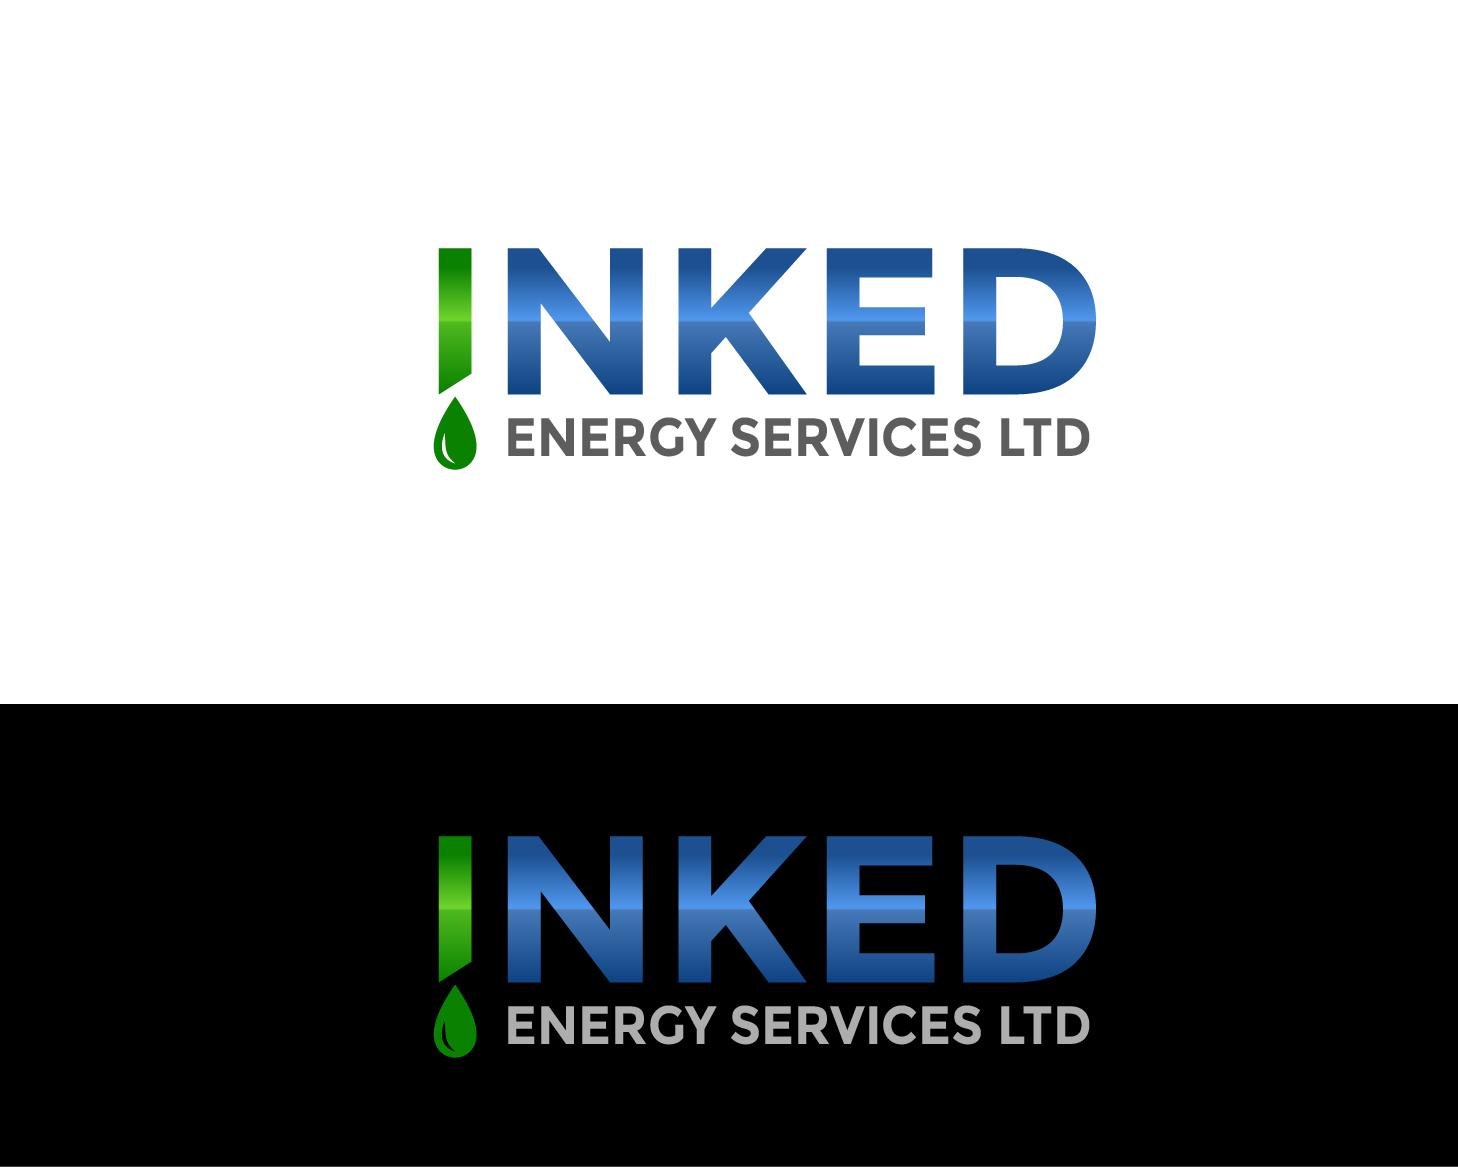 Logo Design by Allan Esclamado - Entry No. 8 in the Logo Design Contest Creative Logo Design for INKED ENERGY SERVICES LTD.